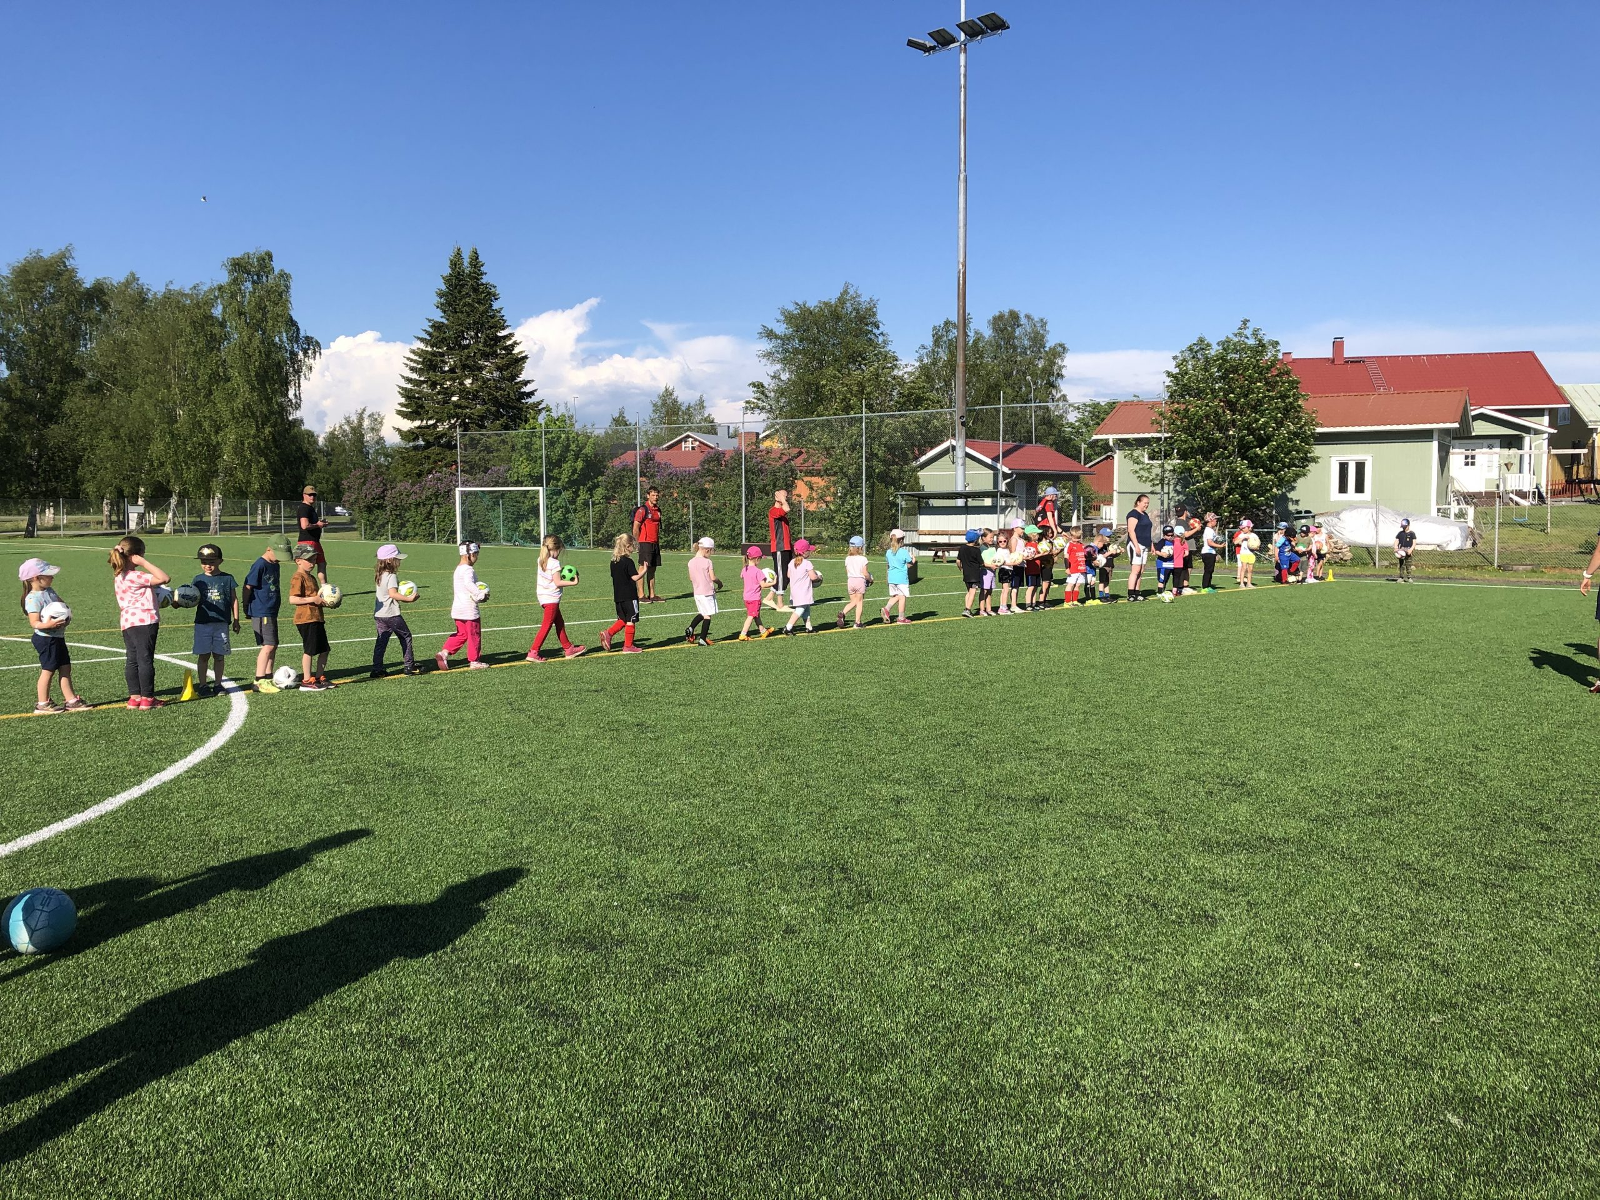 Fotbollsskola för barn födda 2014-2016, 20.6. kl 18-18.45